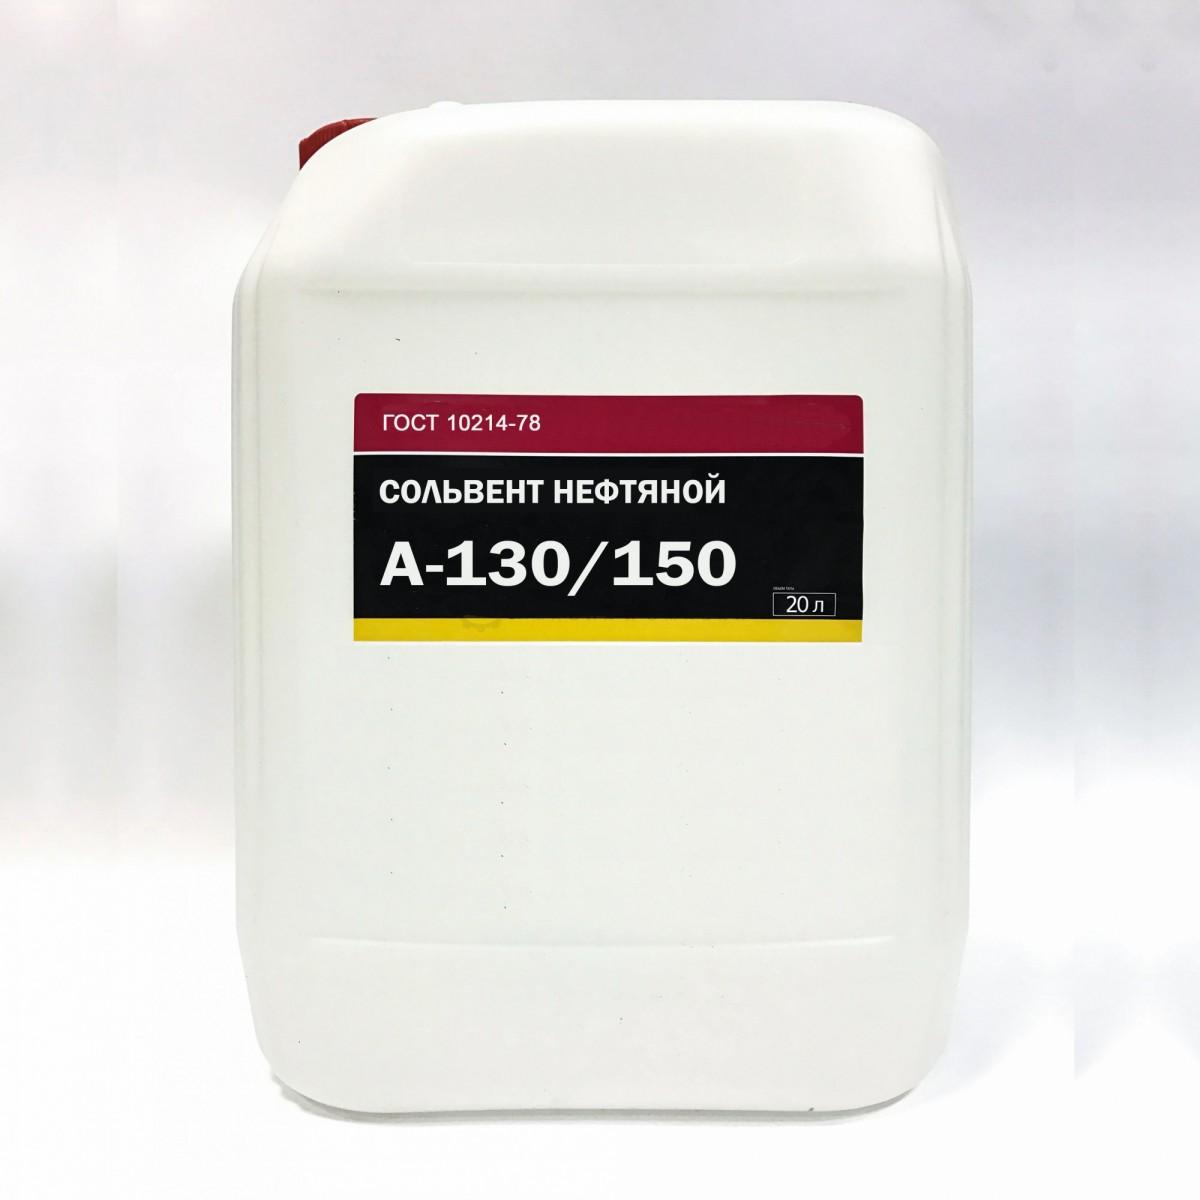 Сольвент нефтяной А-130/150 20л